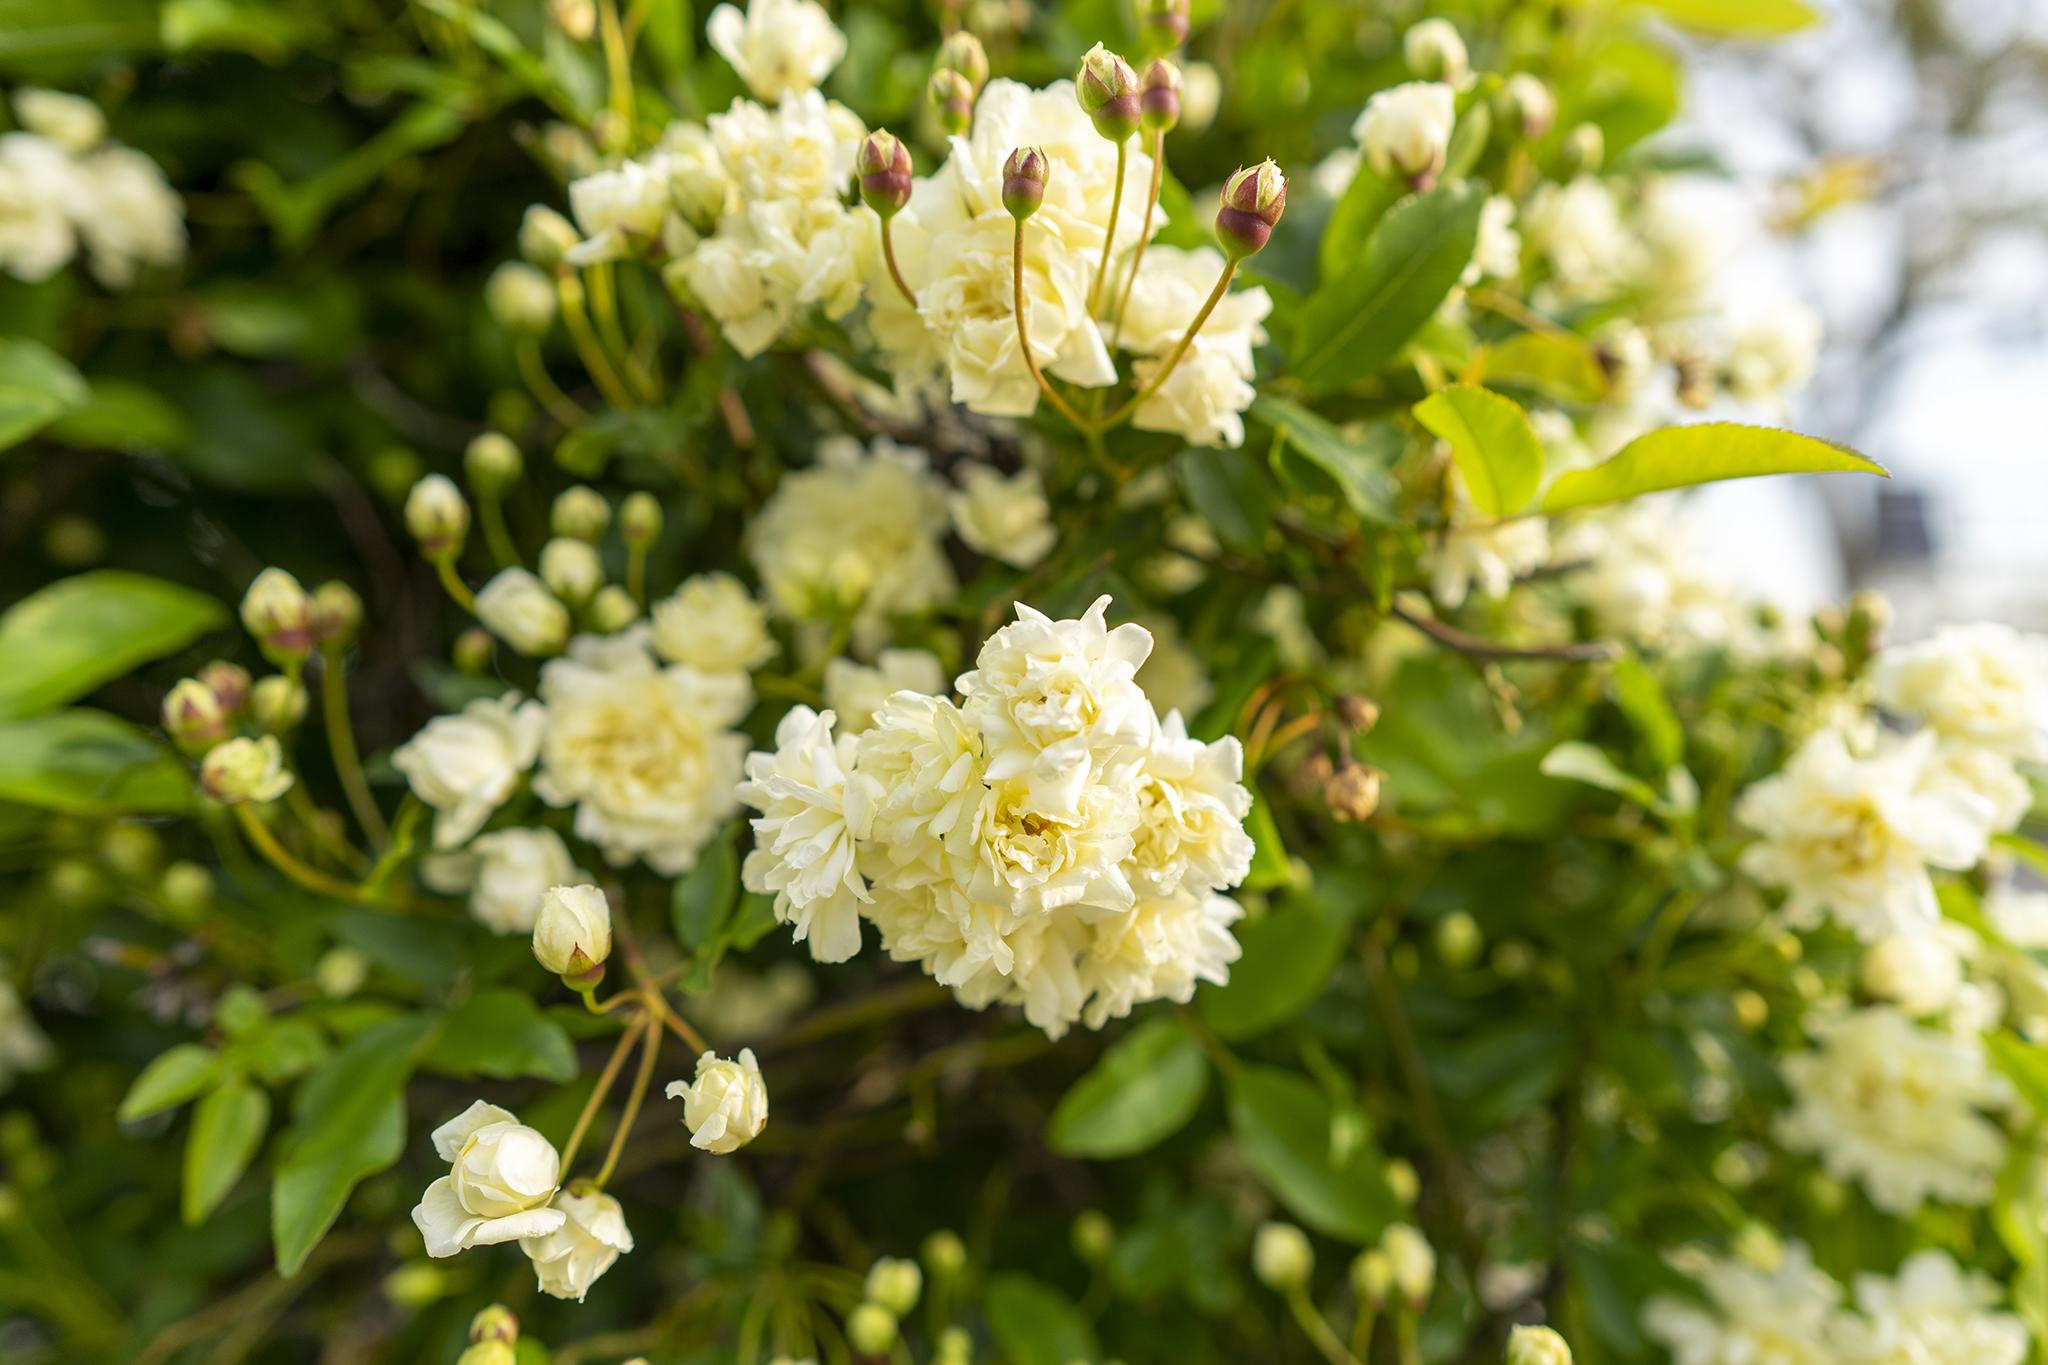 トゲのないバラ「モッコウバラ」が美しく咲く。